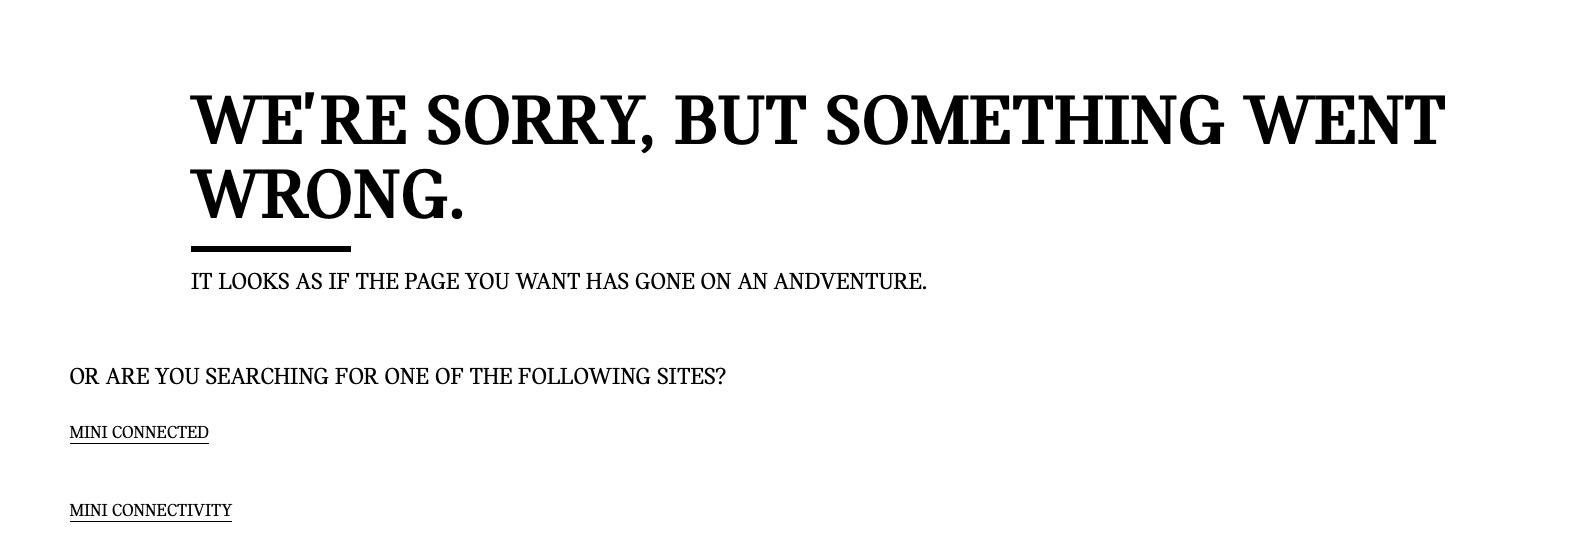 Mini 404 page